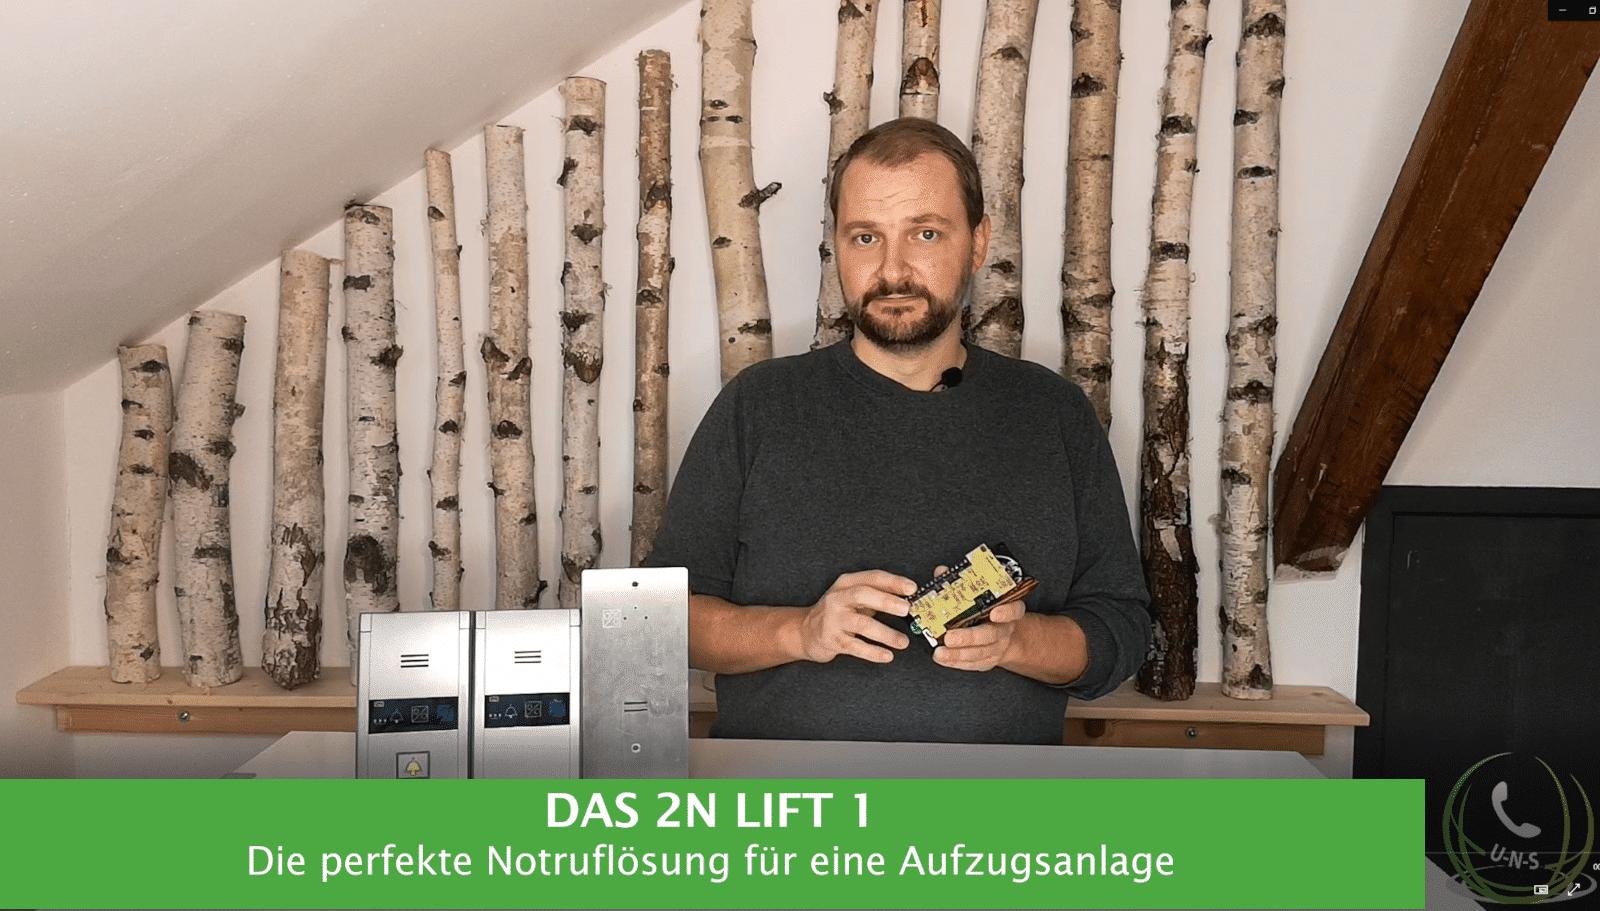 Martin Reichl präsentiert das 2N Lift 1.